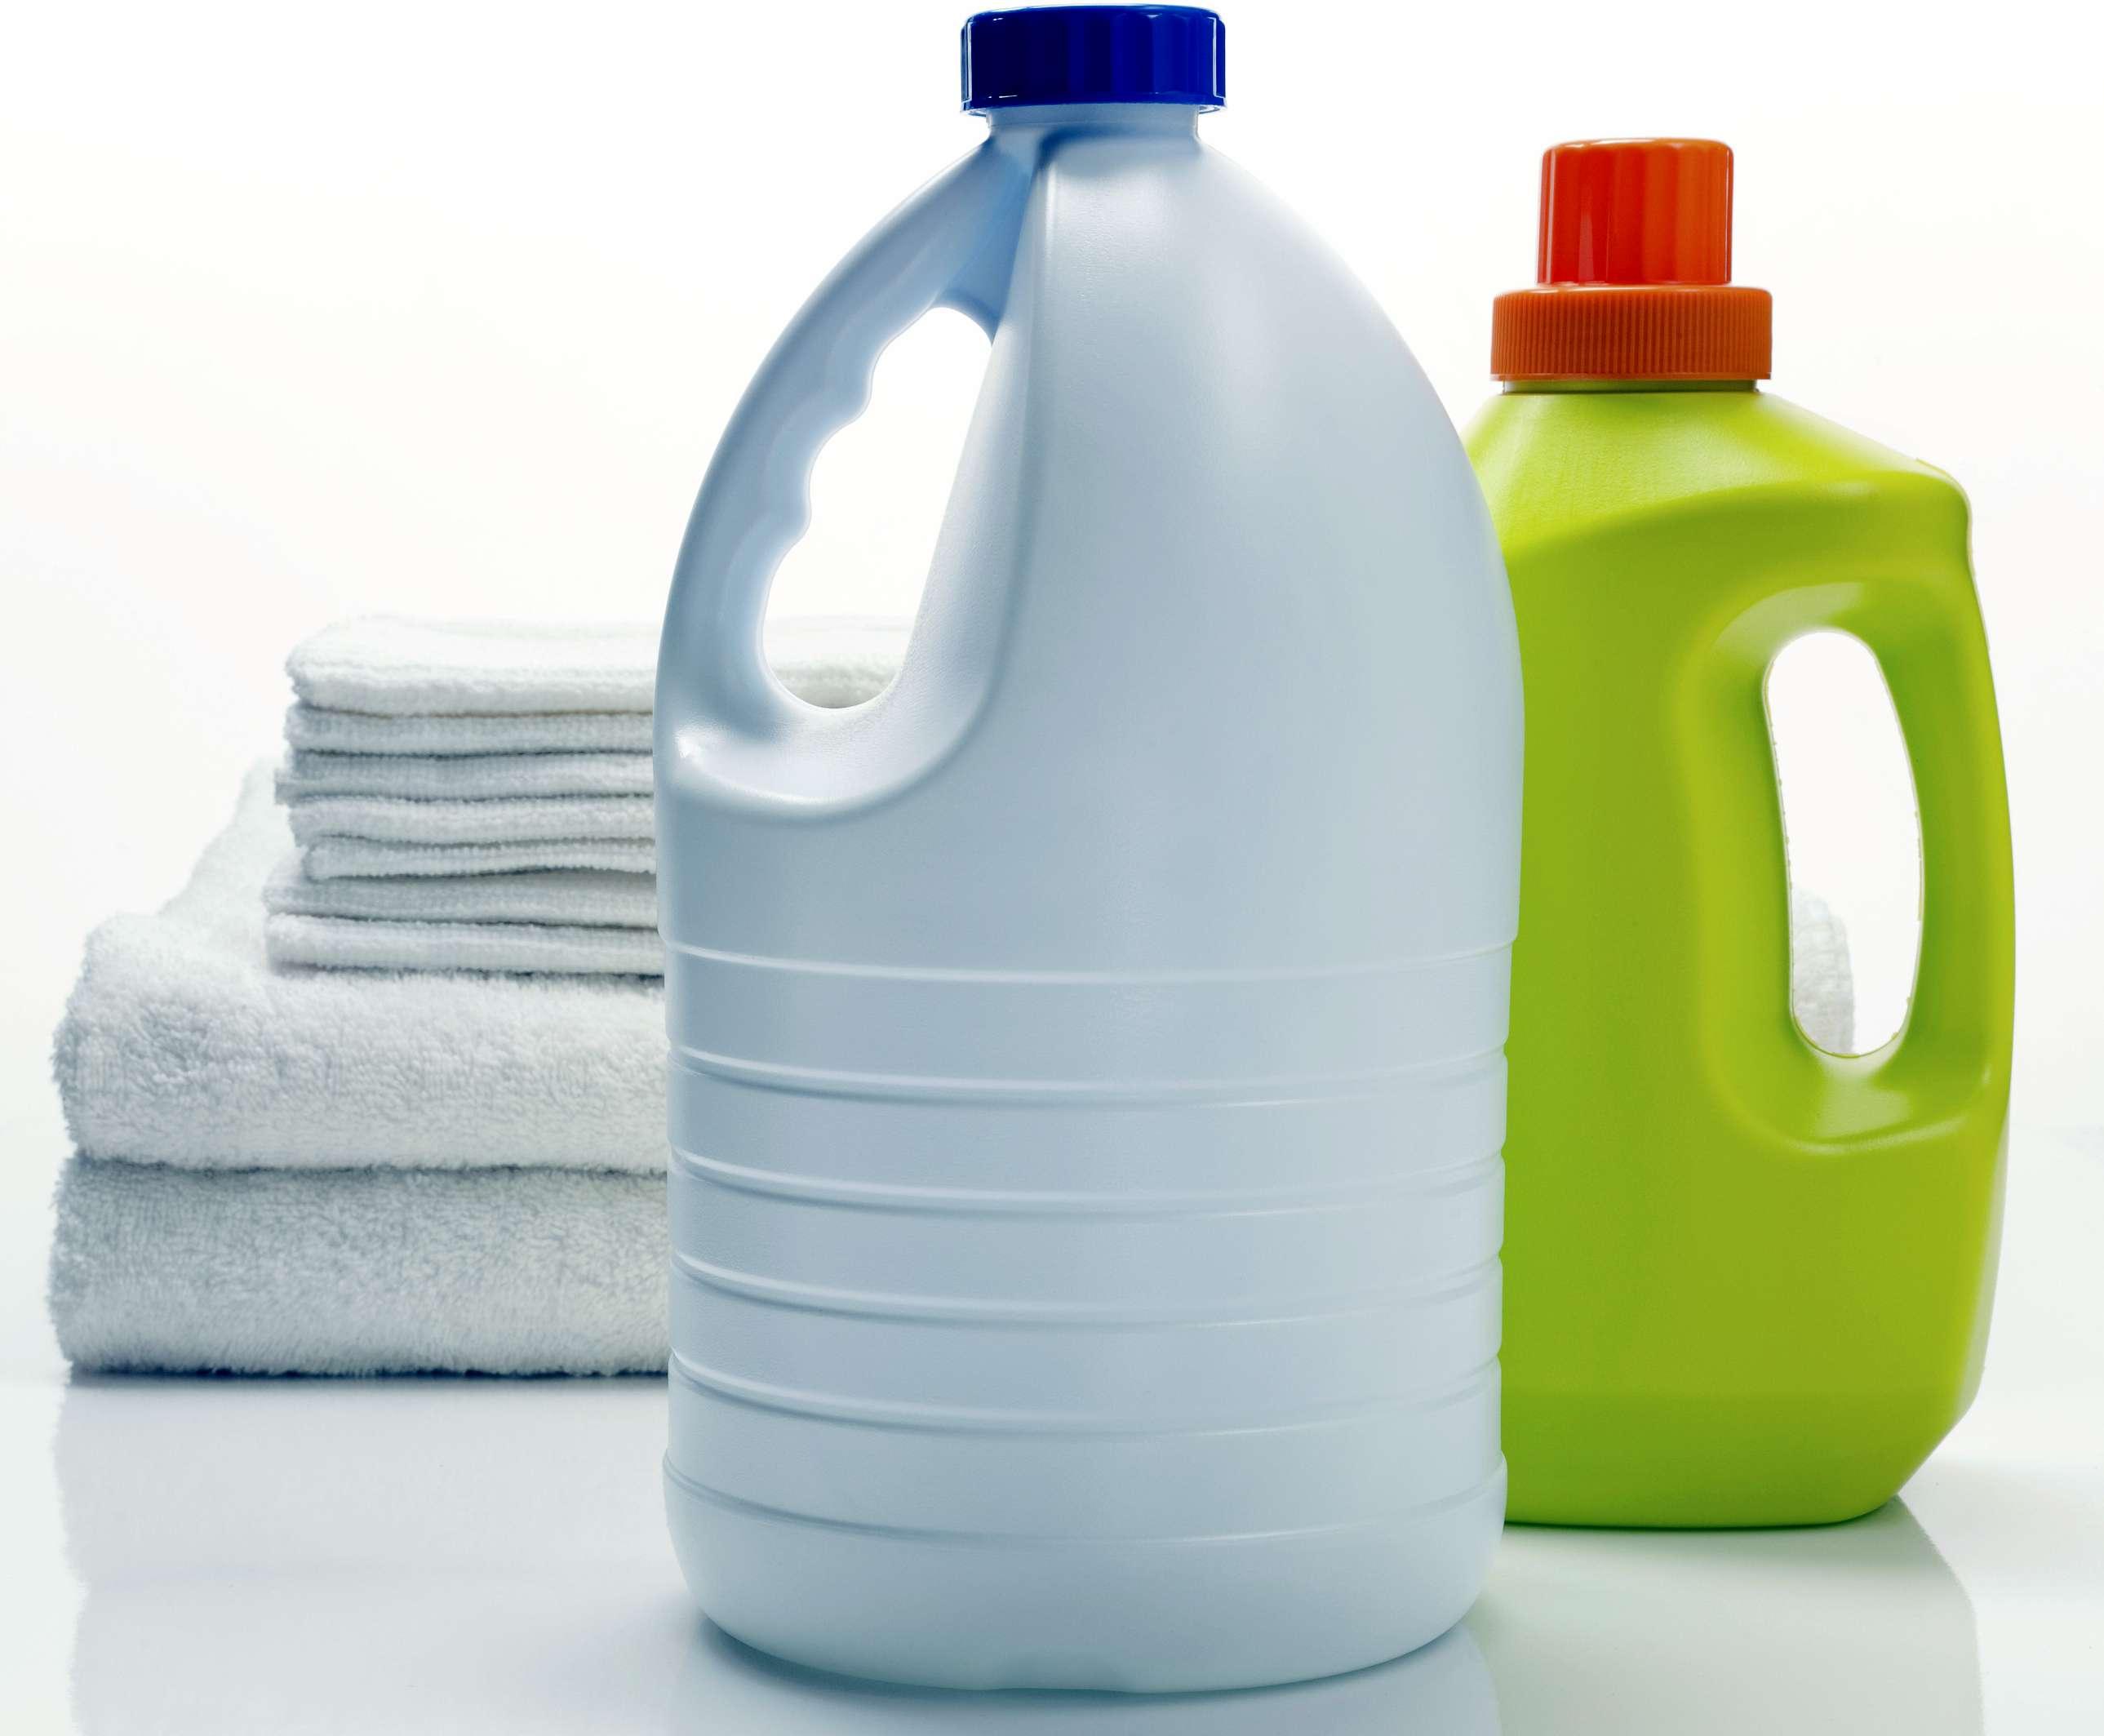 Dos recipientes de lejía genéricos y toallas limpias